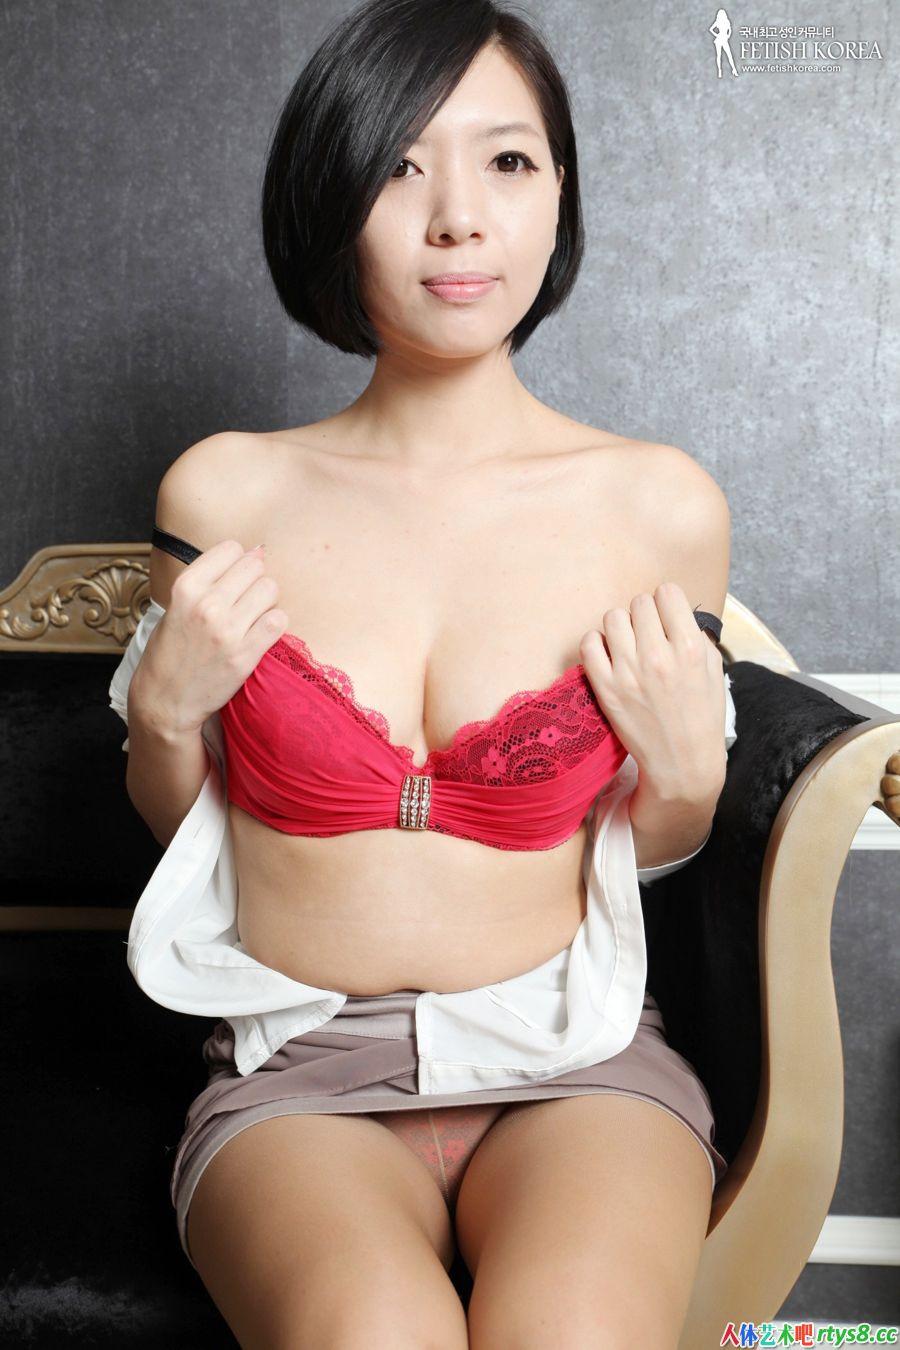 性感漂亮的短发模特肉丝丝袜人体